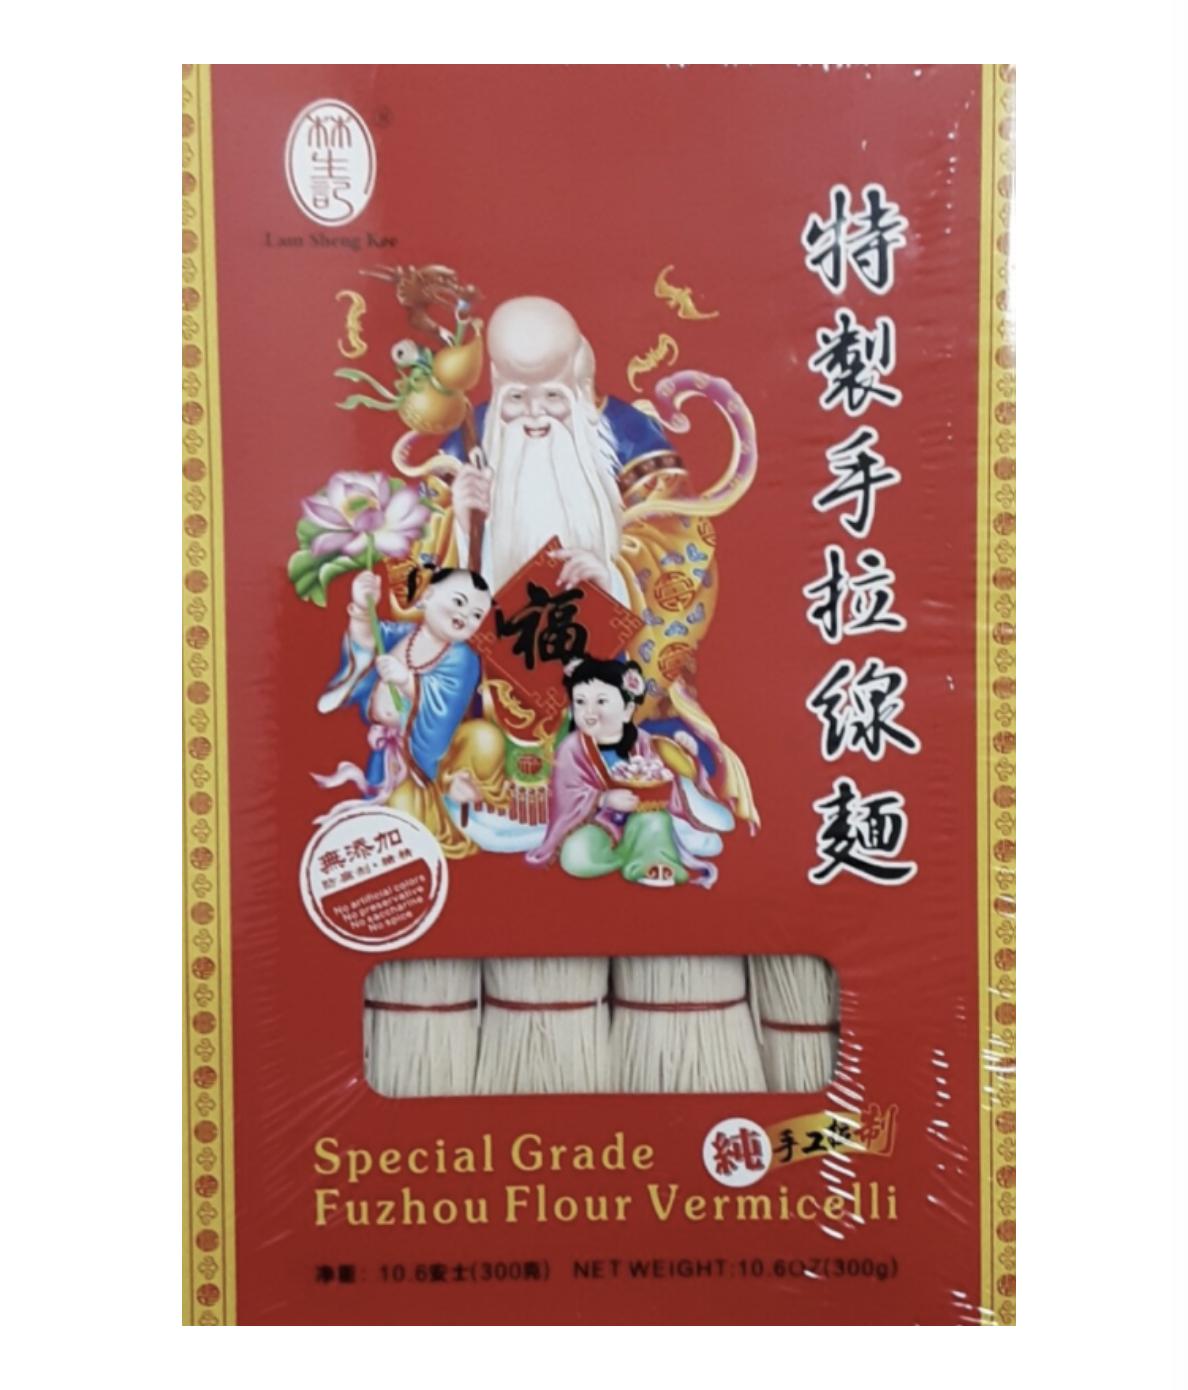 林生记特制手拉线面 Lam Sheng Kee special grade Fuzhou flour vermicelli 300g(10.6 oz)